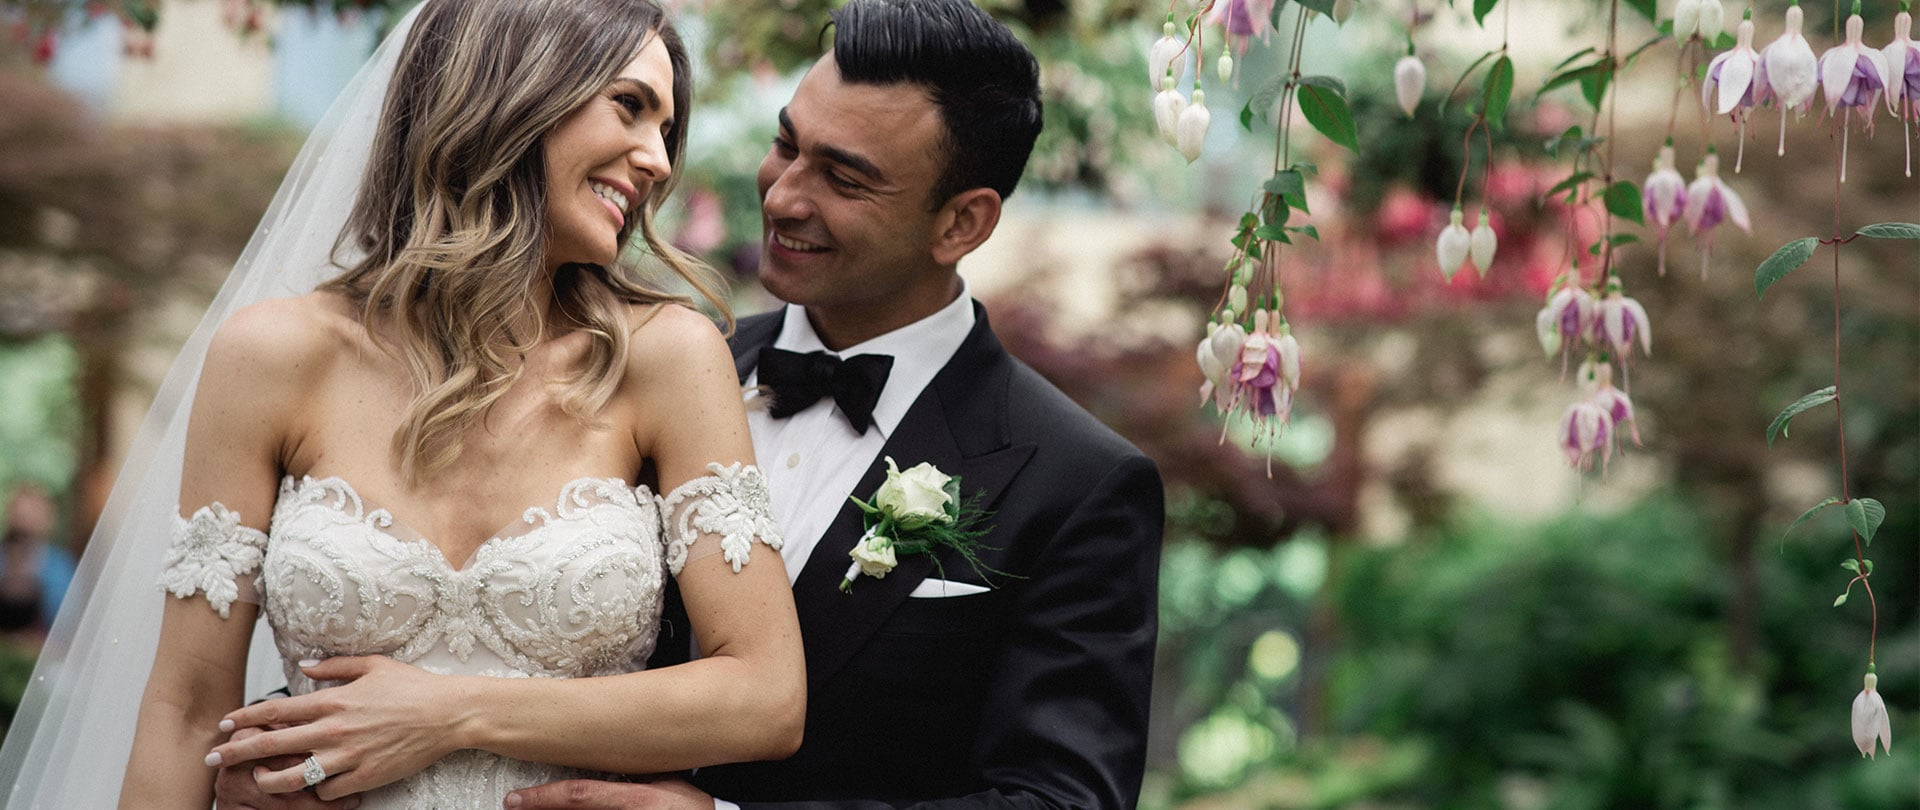 Sarah & Danny Wedding Video Filmed at Melbourne, Victoria